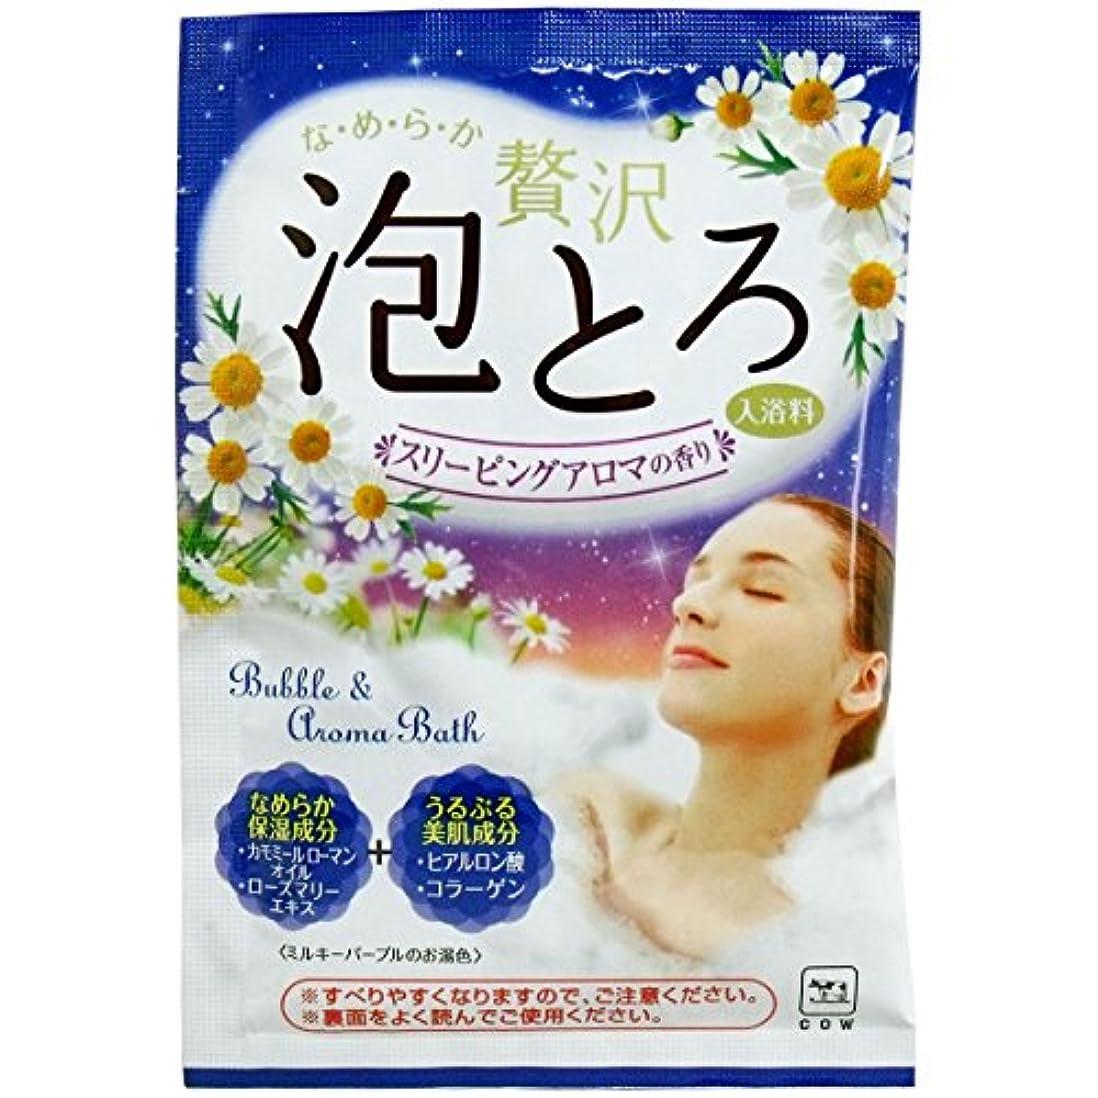 経験的素晴らしきとにかく贅沢泡とろ 入浴料 スリーピングアロマの香り 30g 【4点セット】